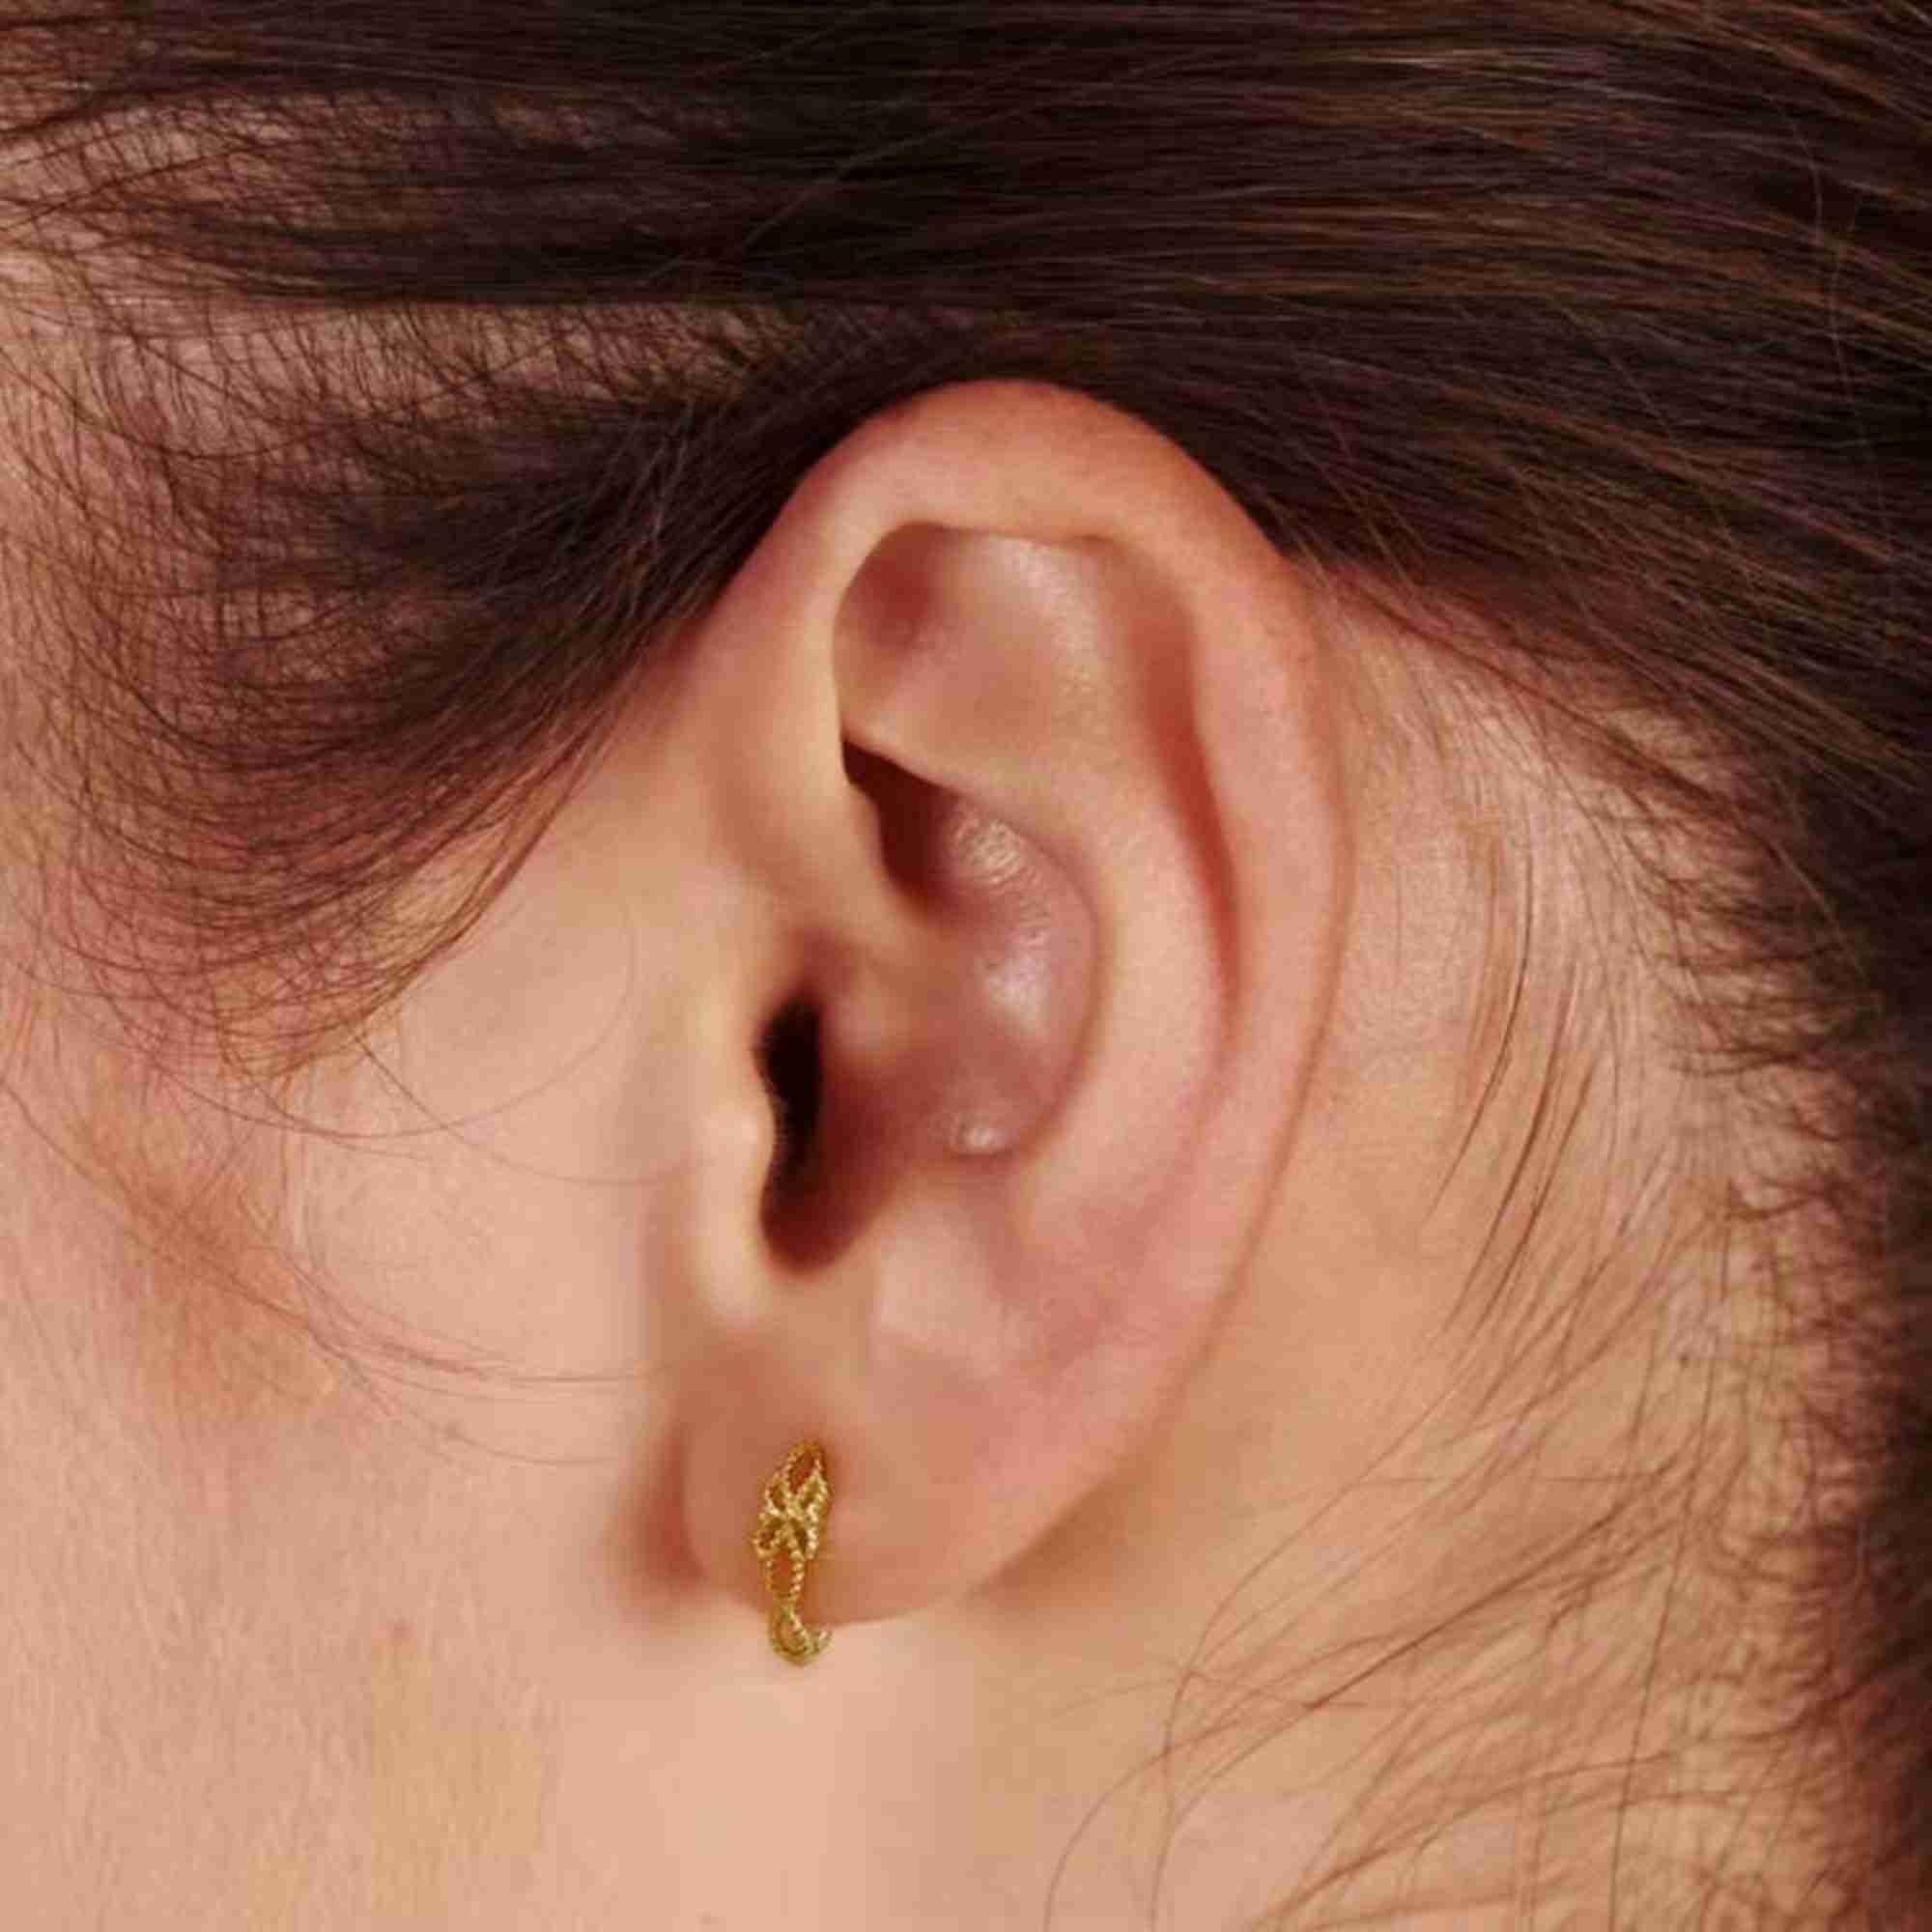 non-pierced-earrings-clip-on-dangle-earrings for cheap